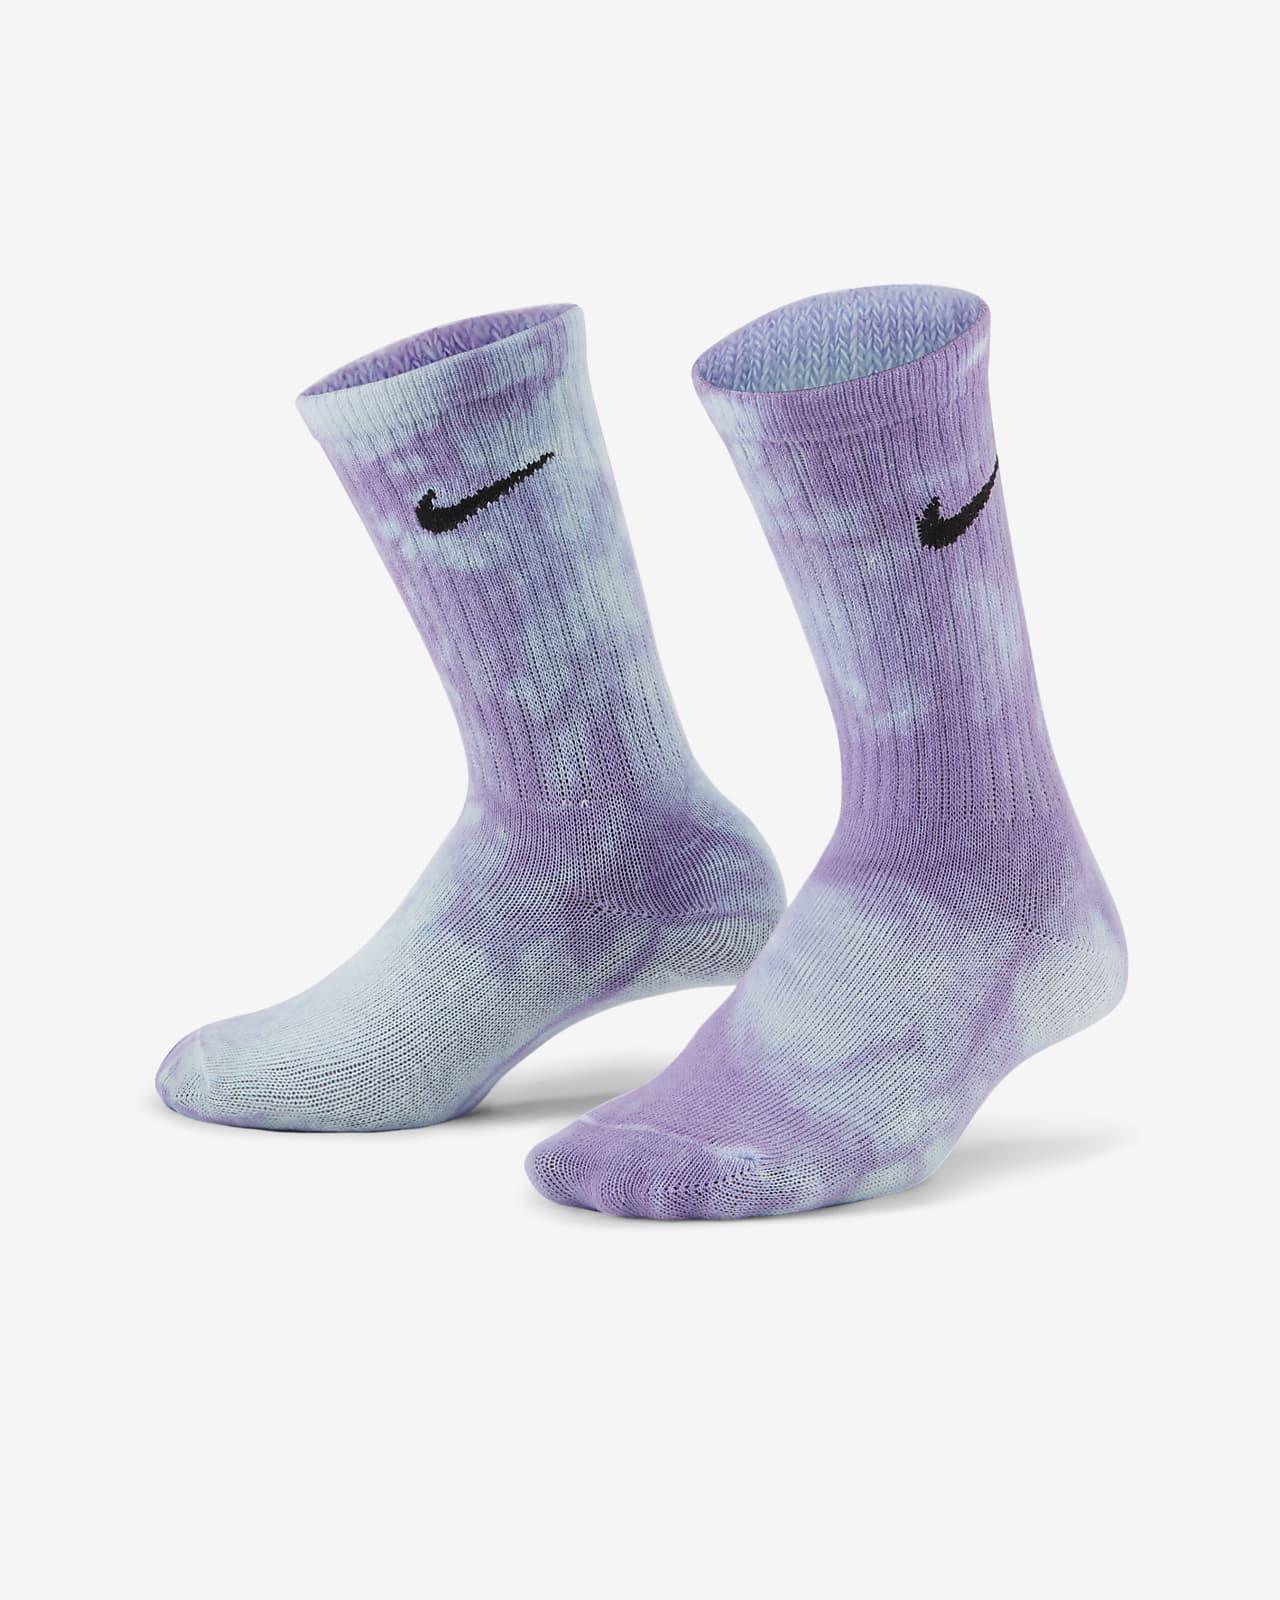 Calcetines largos tie-dye para niños talla pequeña Nike (3 pares)